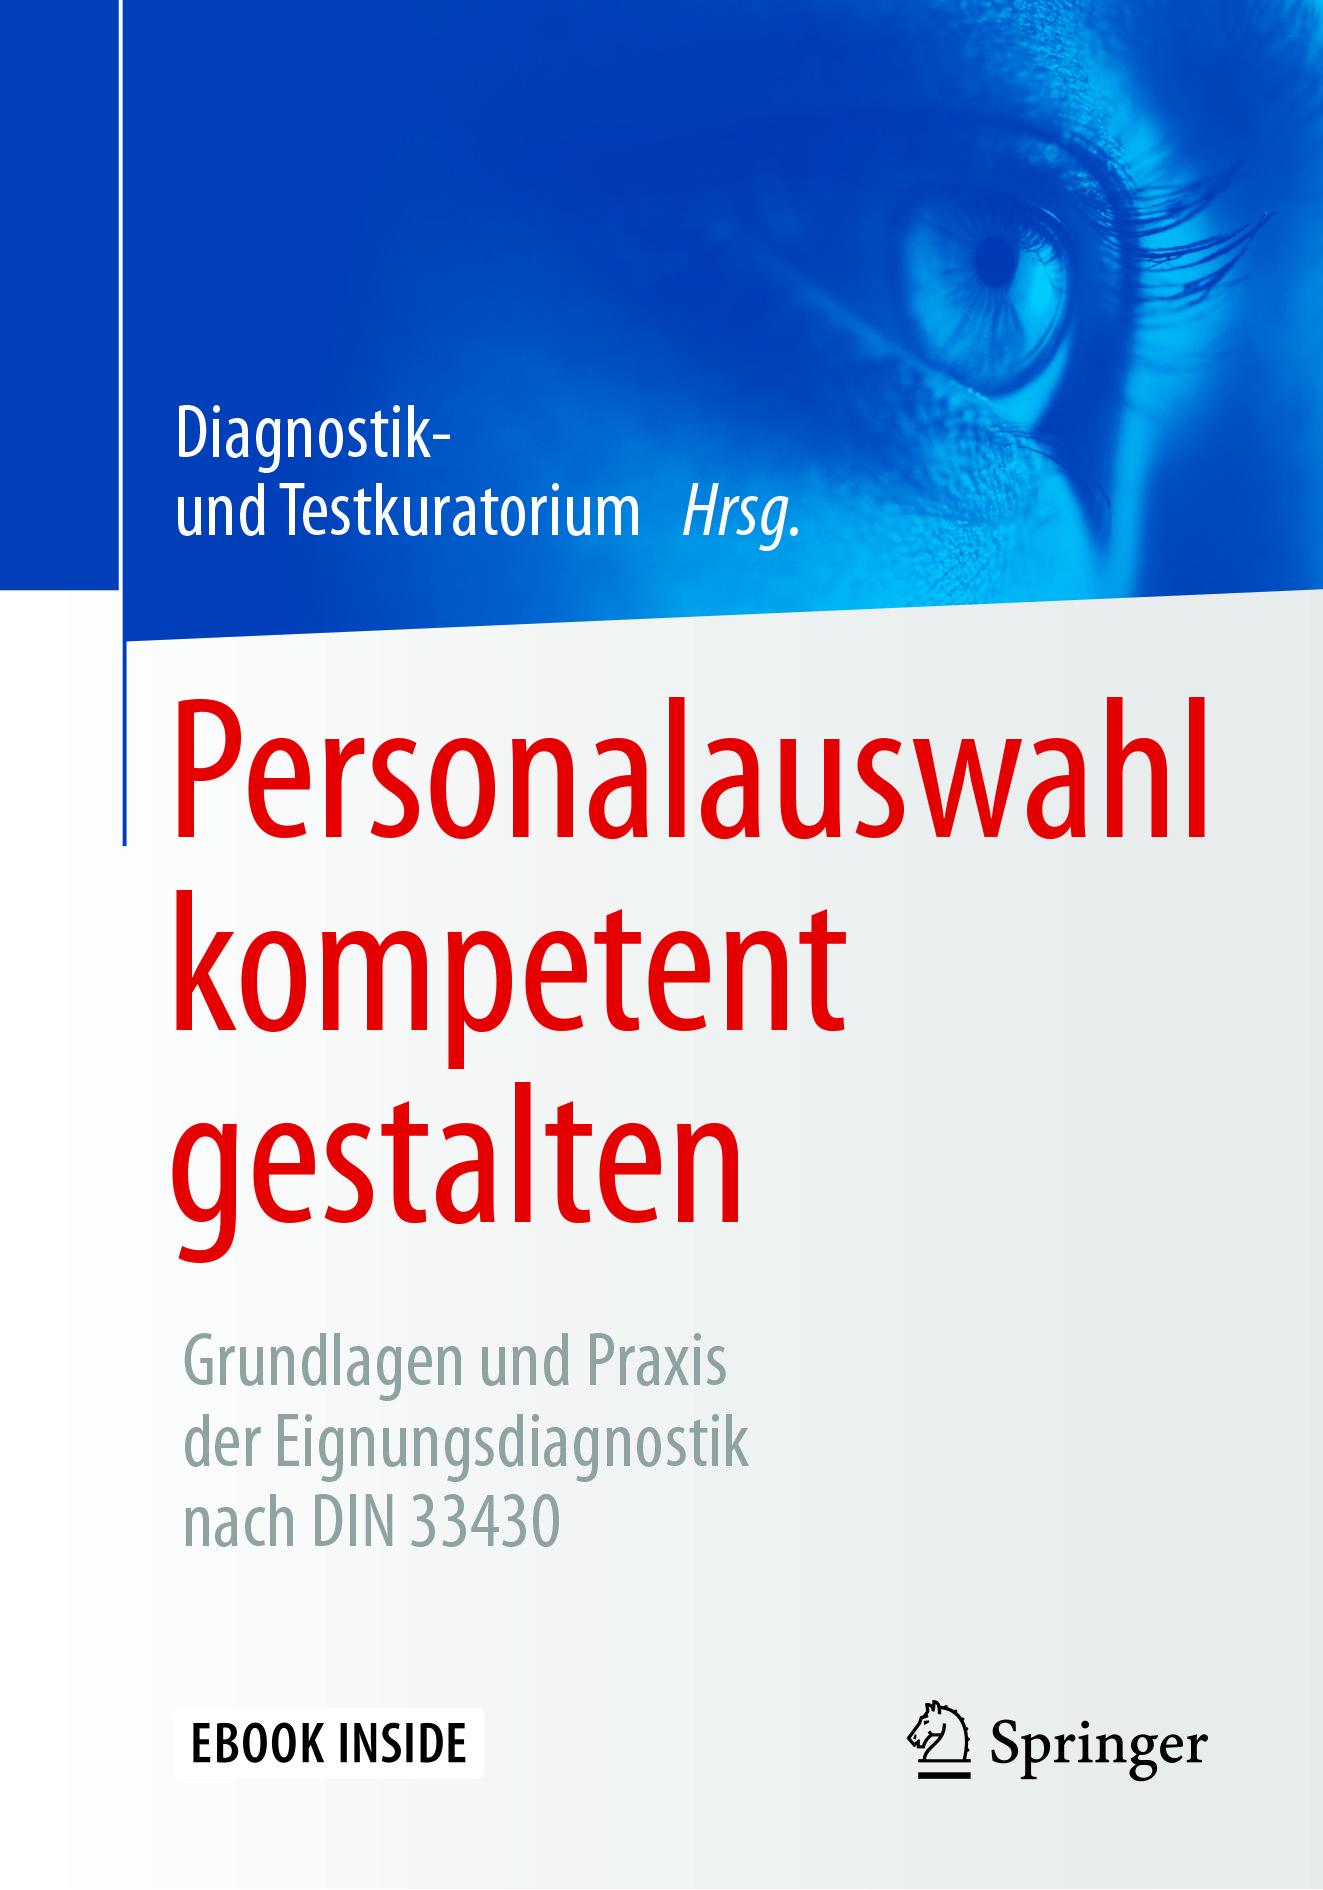 Testkuratorium, Diagnostik- und - Personalauswahl kompetent gestalten, ebook